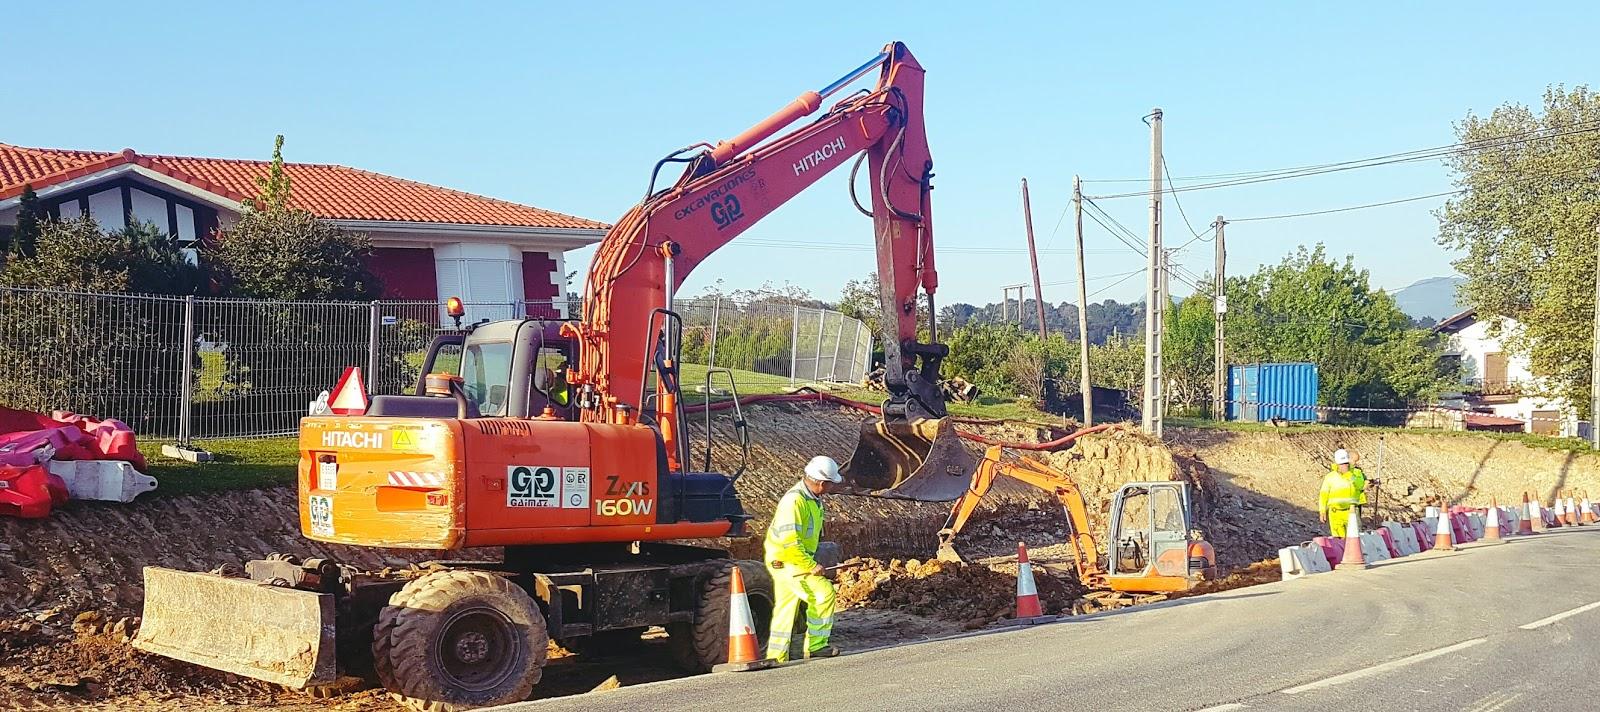 Loiu gasta 100.000 euros en mejorar la accesibilidad en Iberre y construir una parada de bus